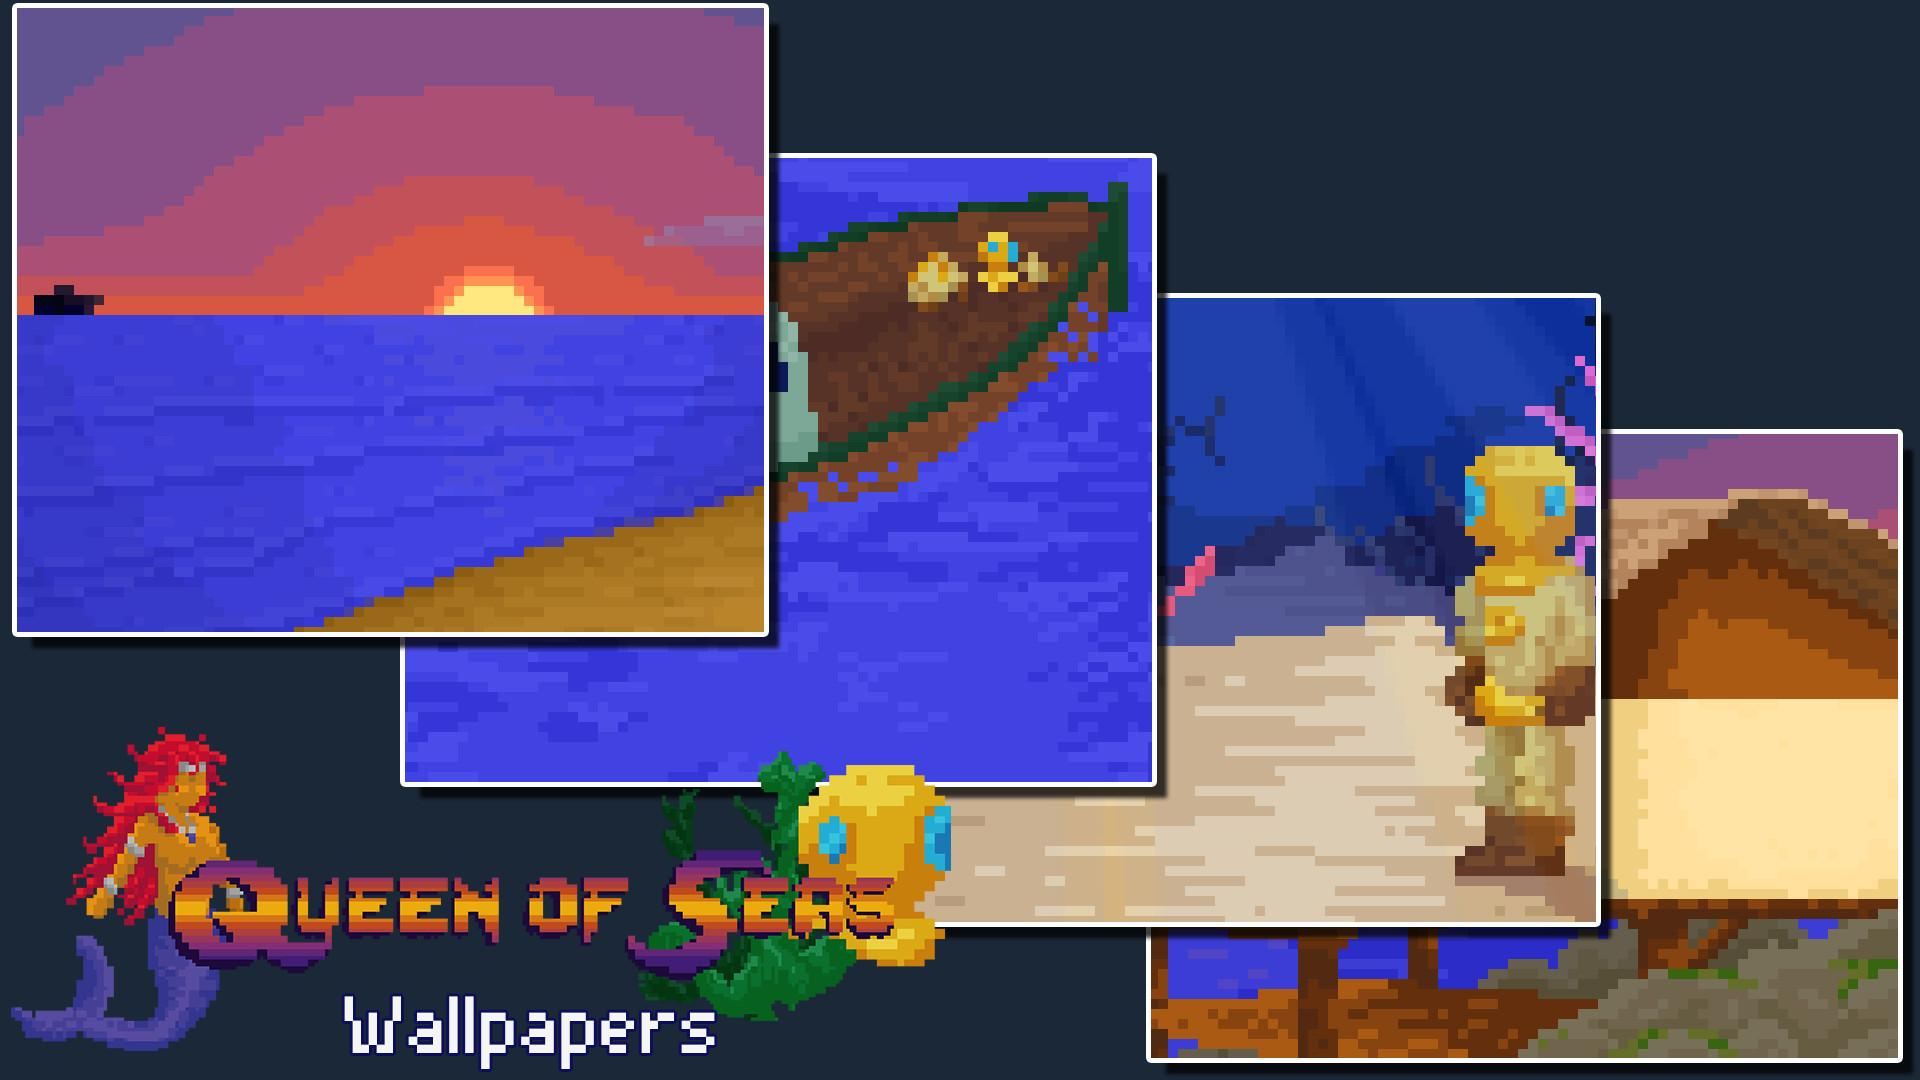 Queen of Seas - Wallpapers screenshot